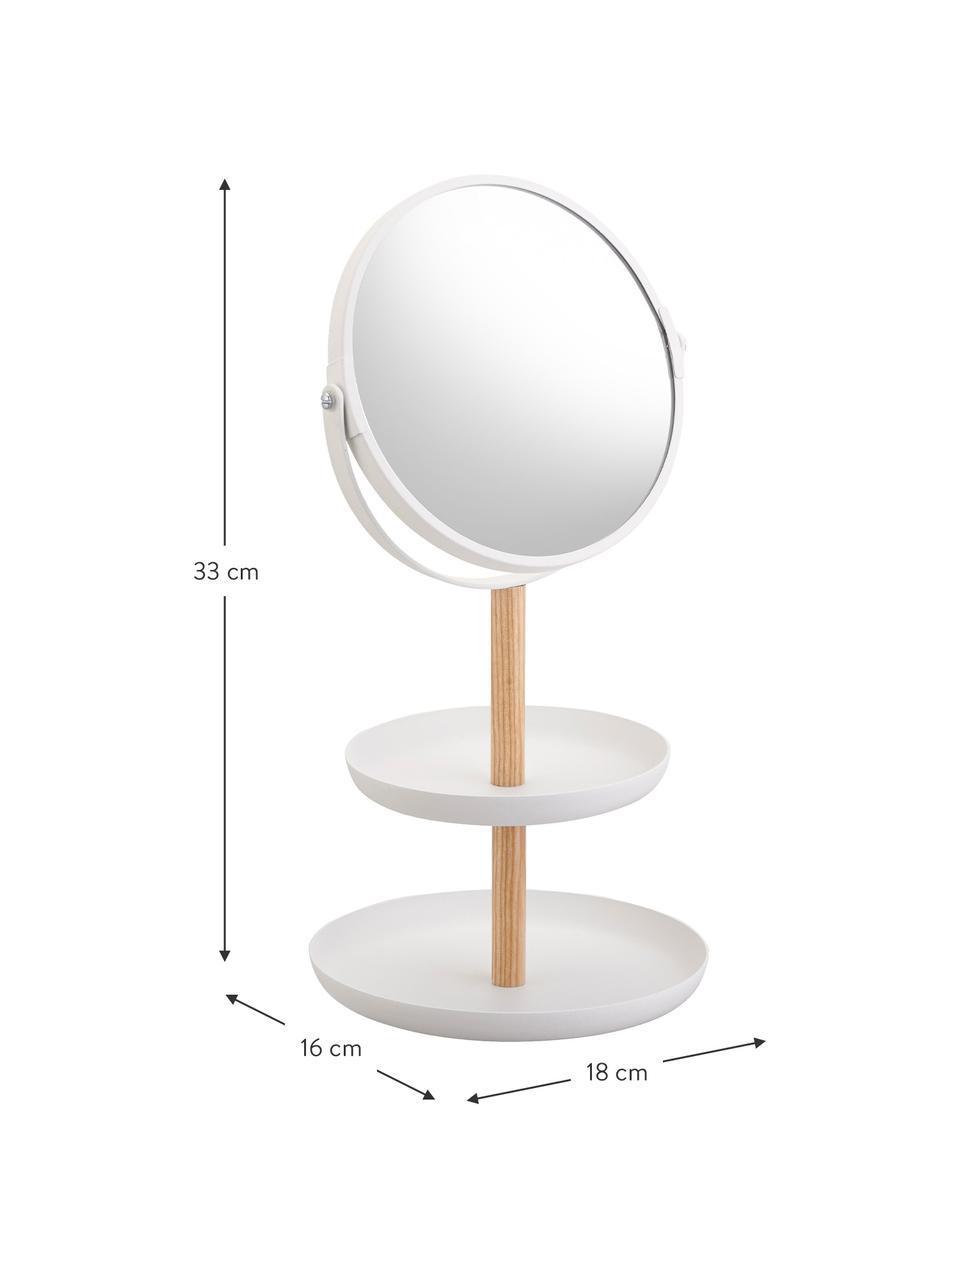 Make-up spiegel Tosca met vergroting, Stang: hout, Wit, bruin, 18 x 33 cm